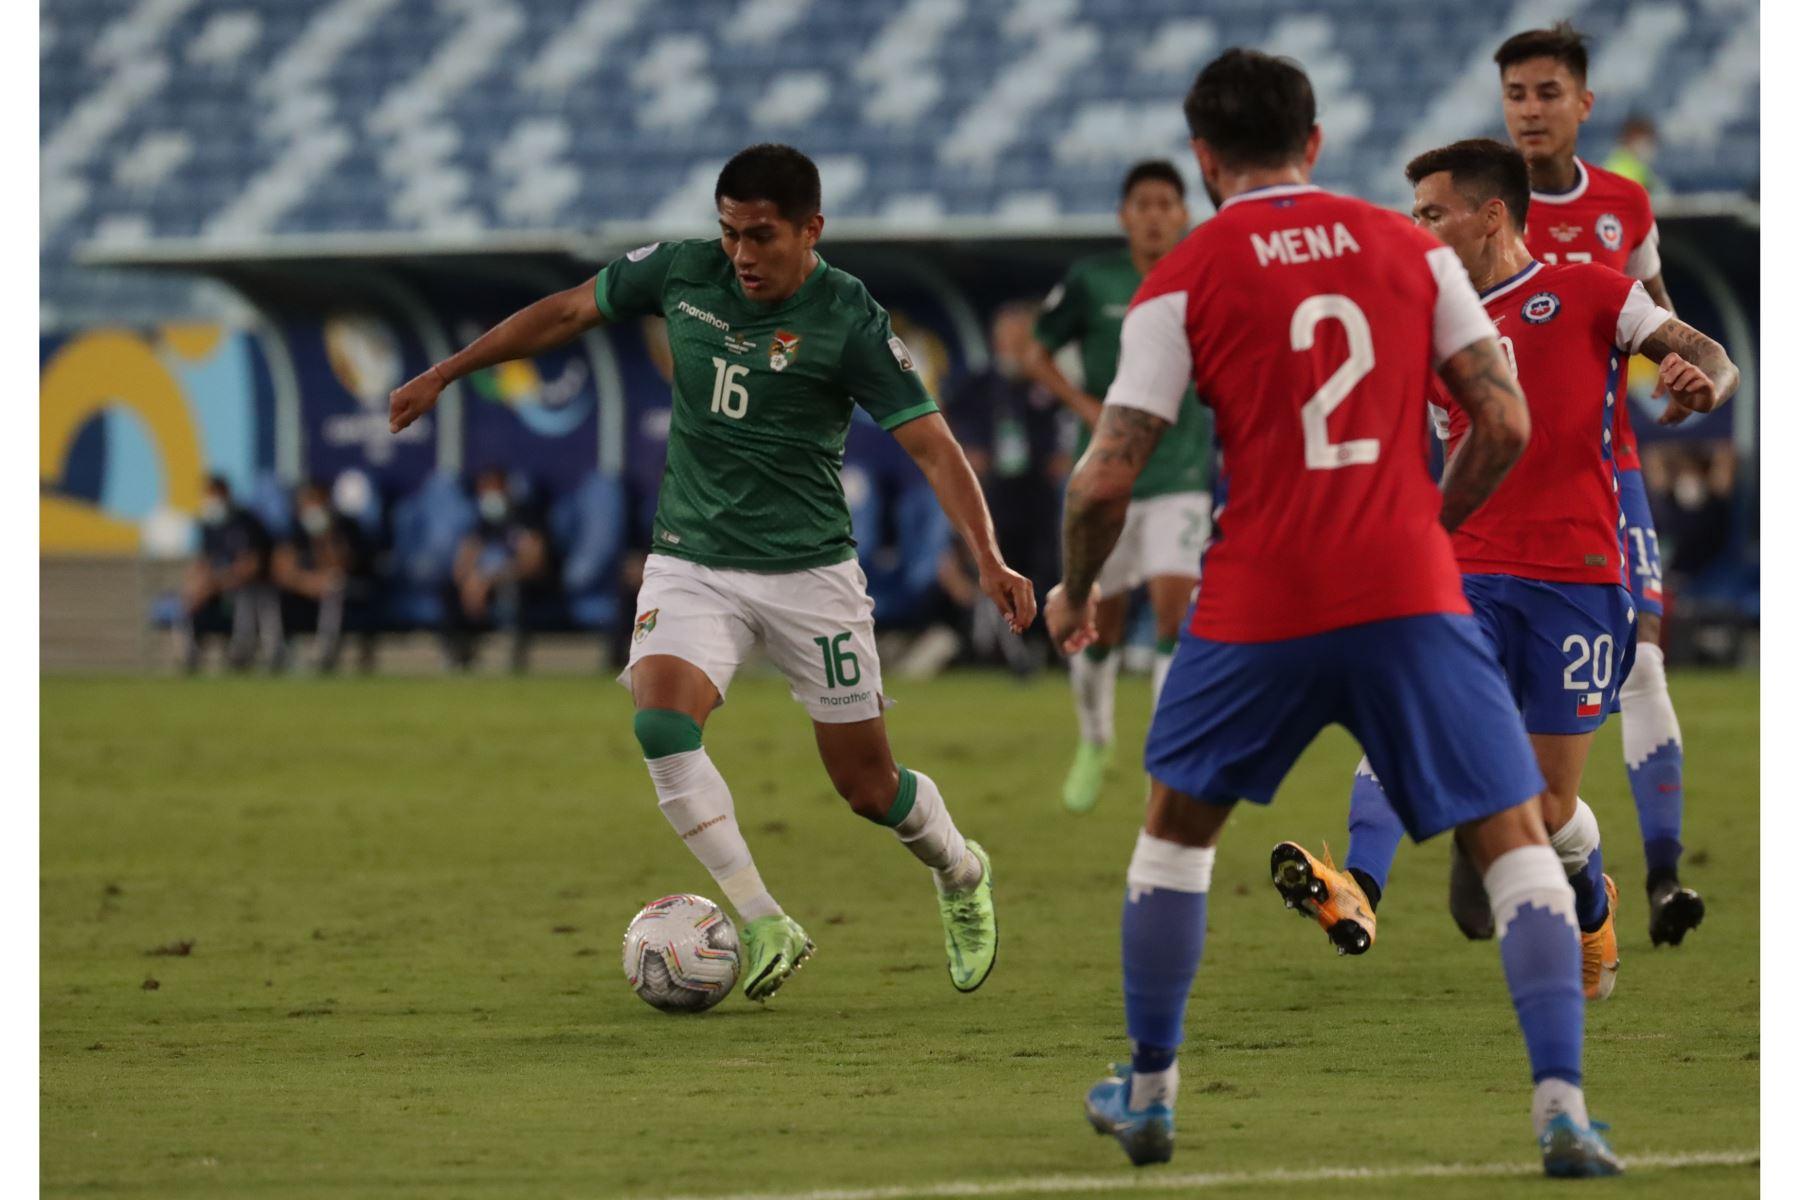 Erwin Saavedra de Bolivia avanza con el balón ante la marca Chile durante un partido por el grupo A de la Copa América, en el estadio Arena Pantanal de Cuiabá, Brasil. Foto: EFE